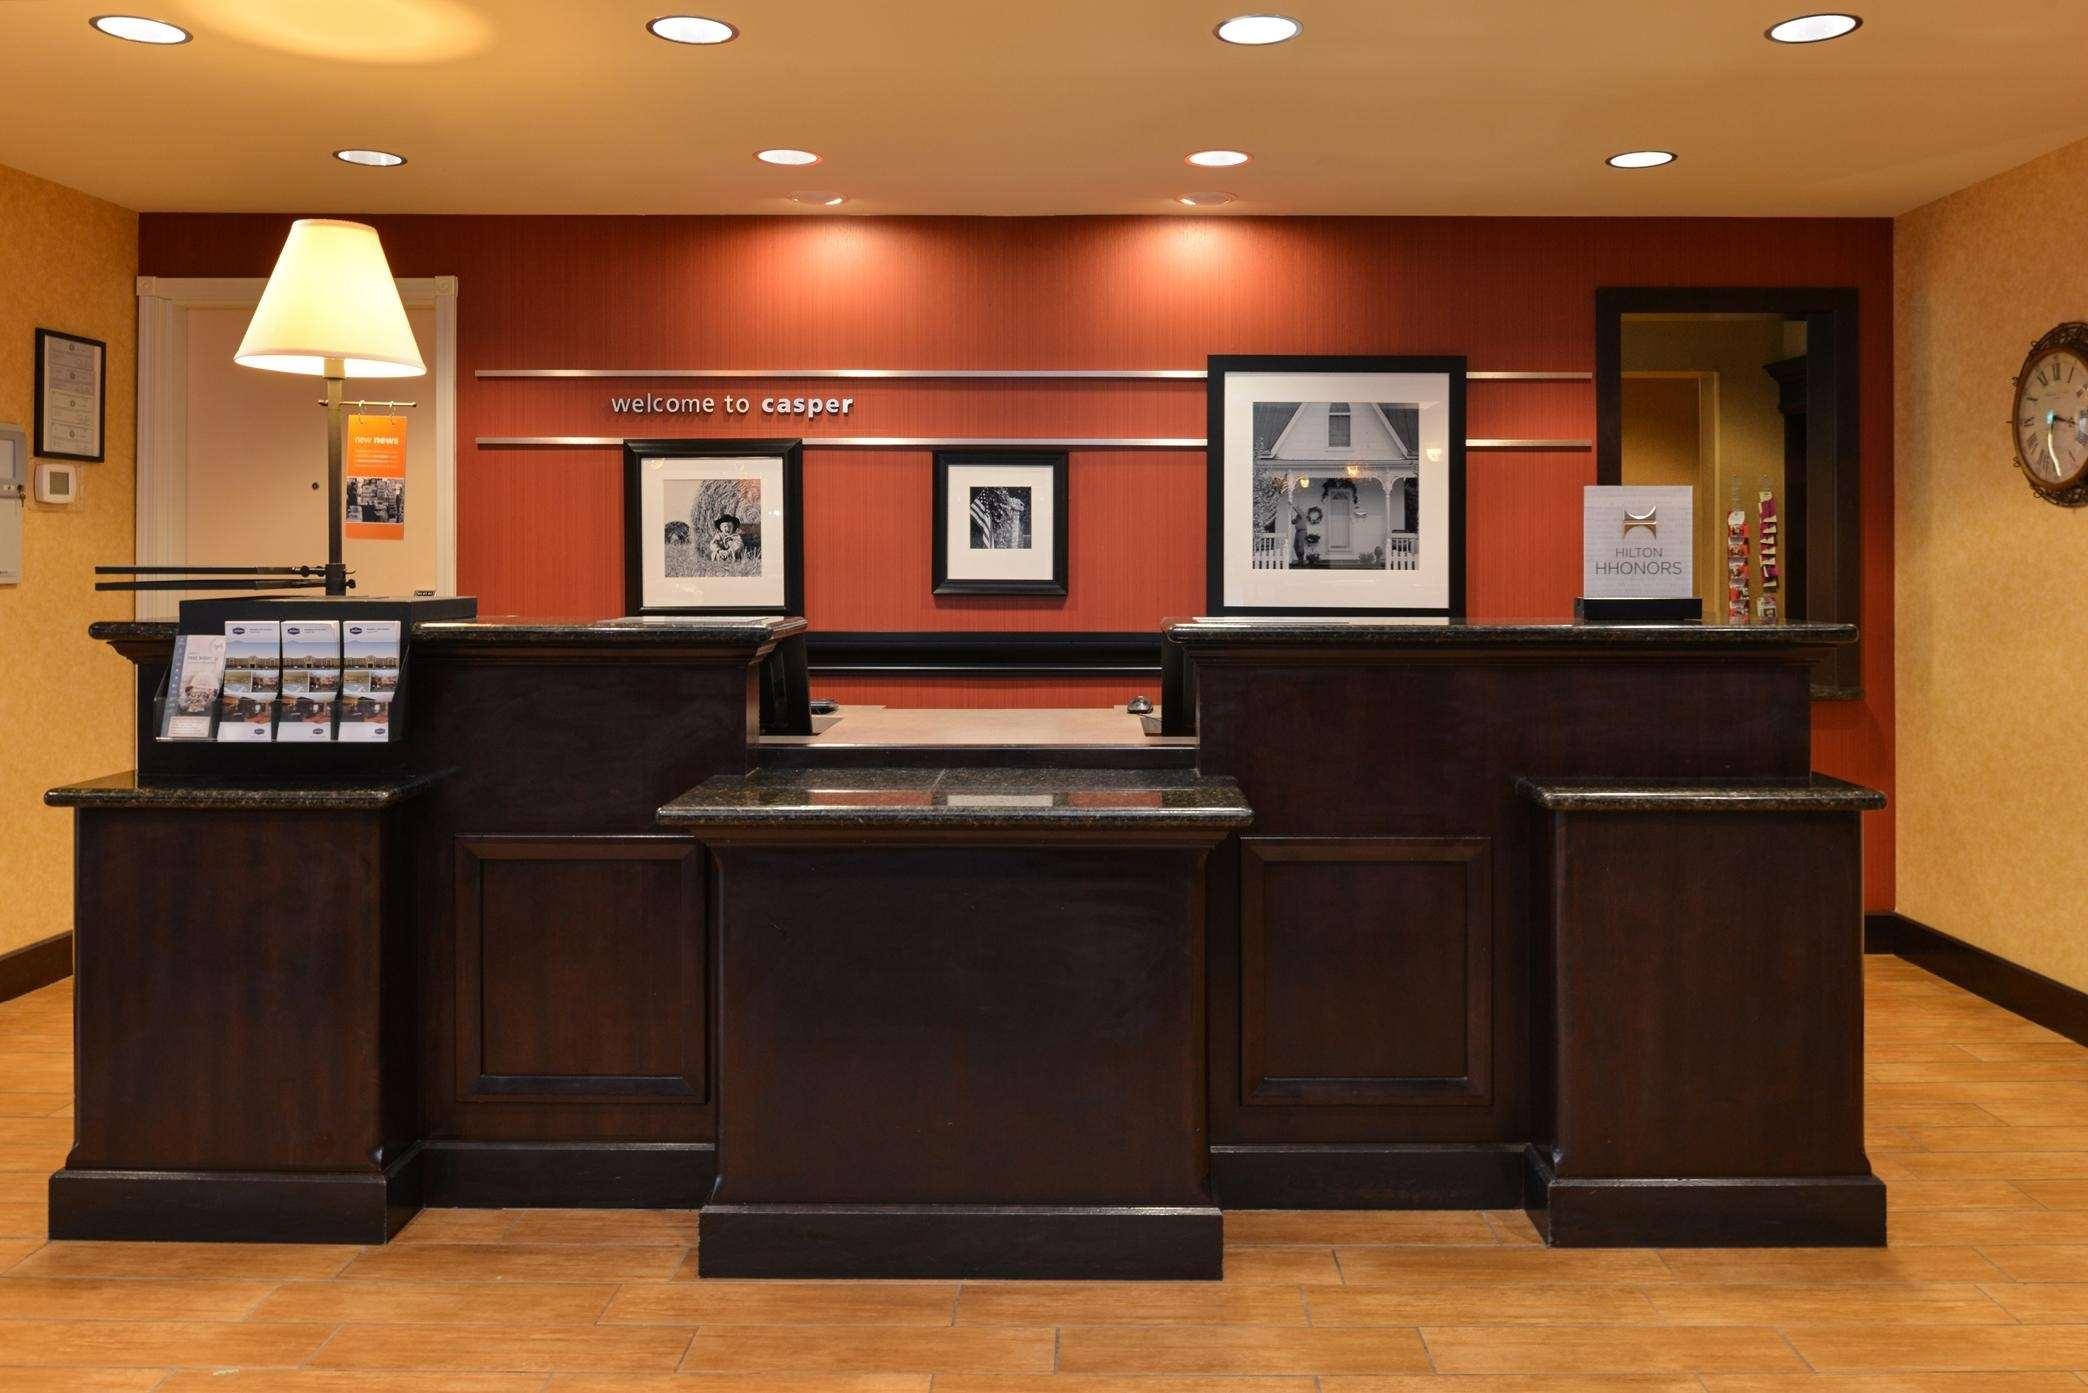 Hampton Inn & Suites Casper image 19